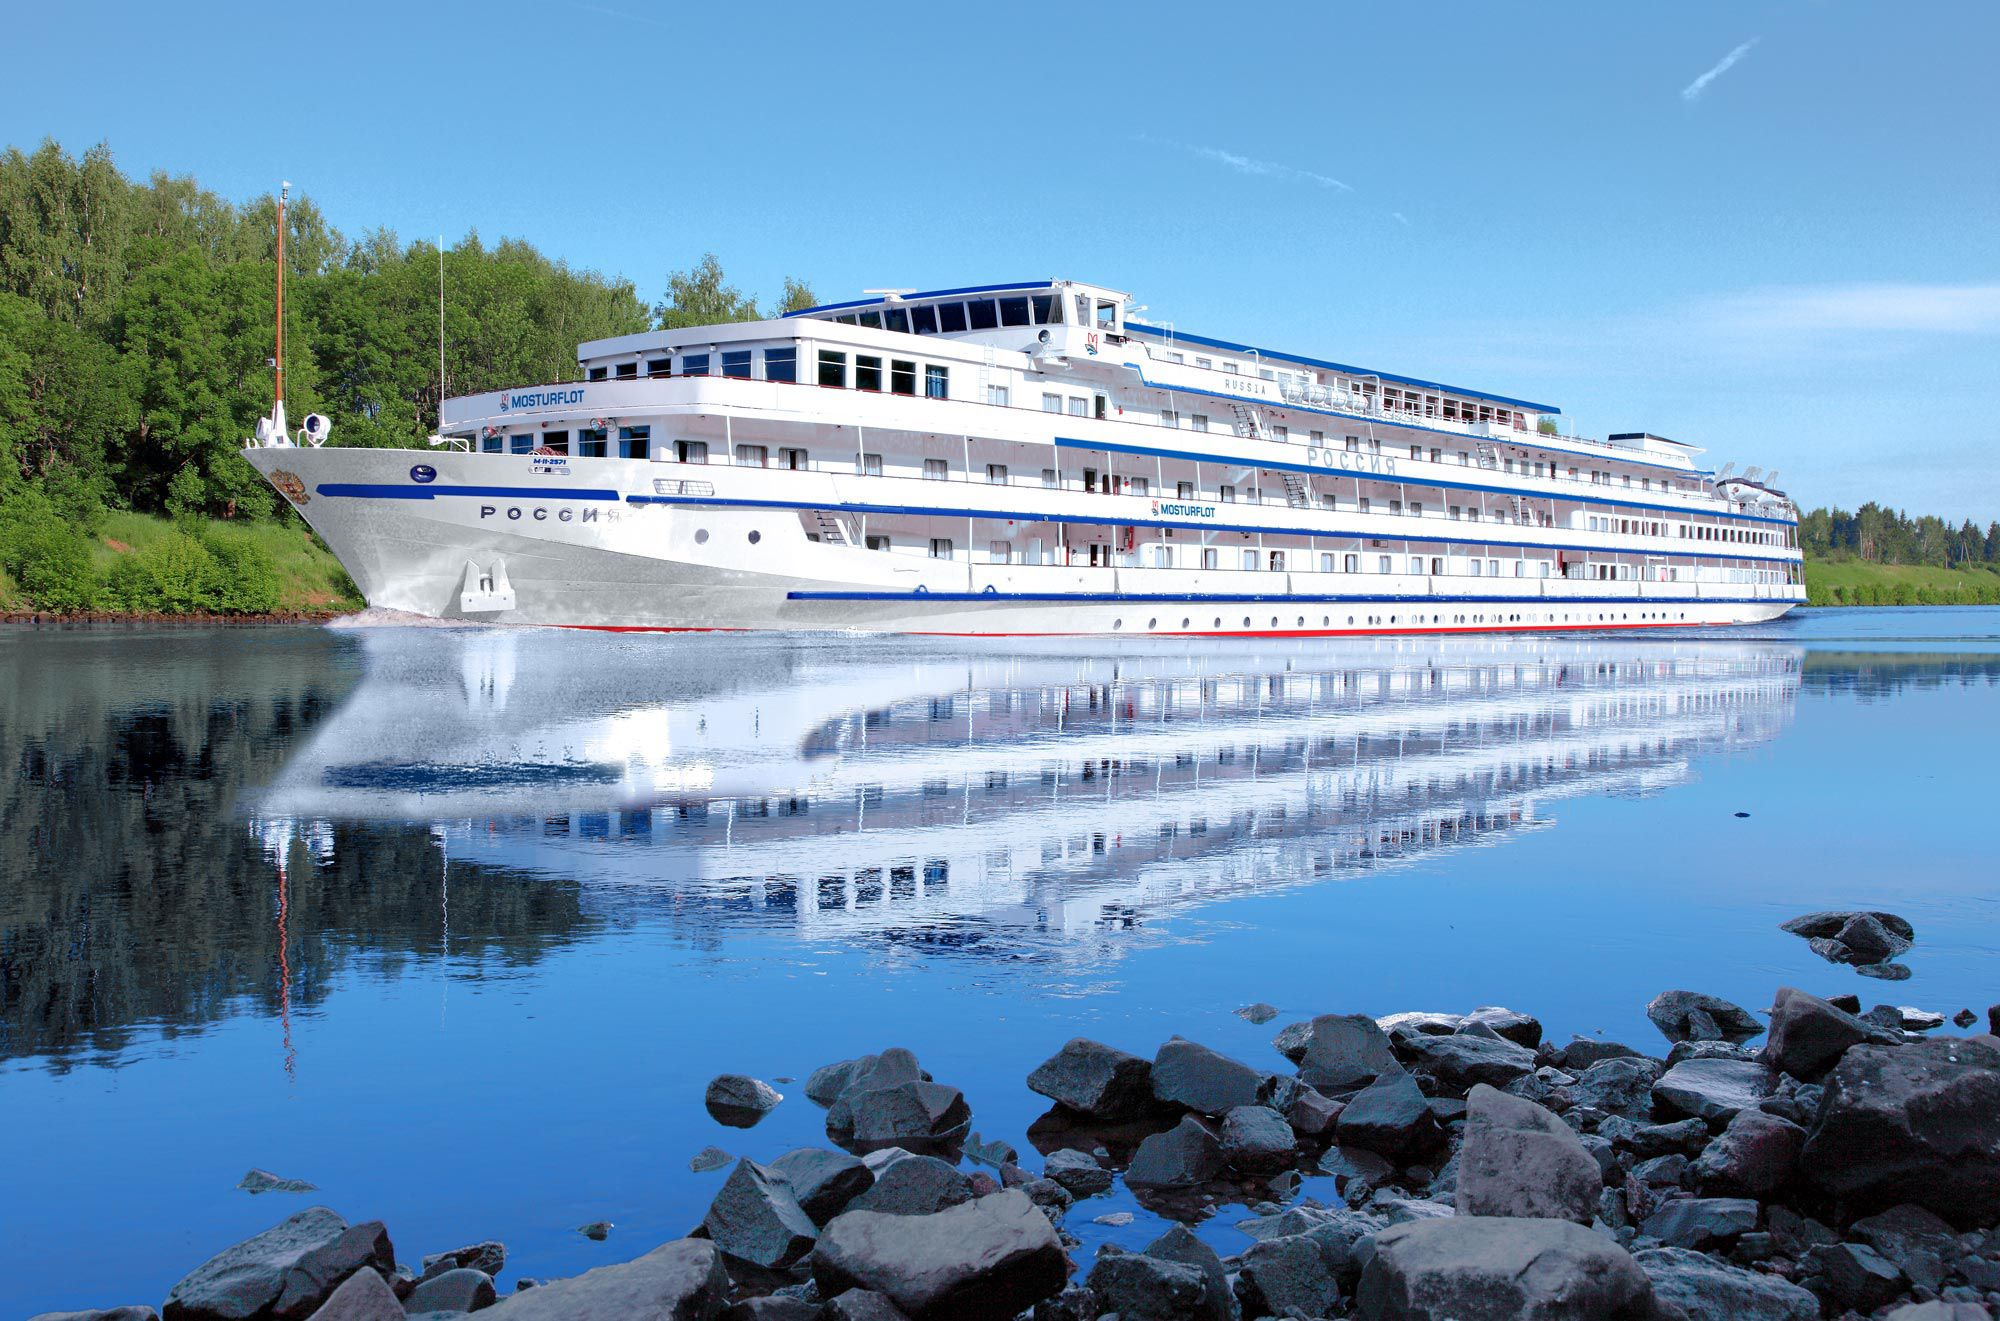 Plantours bietet erstmals zwölftägigen Flusskreuzfahrten mit der MS Rossia von Moskau in die Metropole Astrachan am Kaspischen Meer und zurück